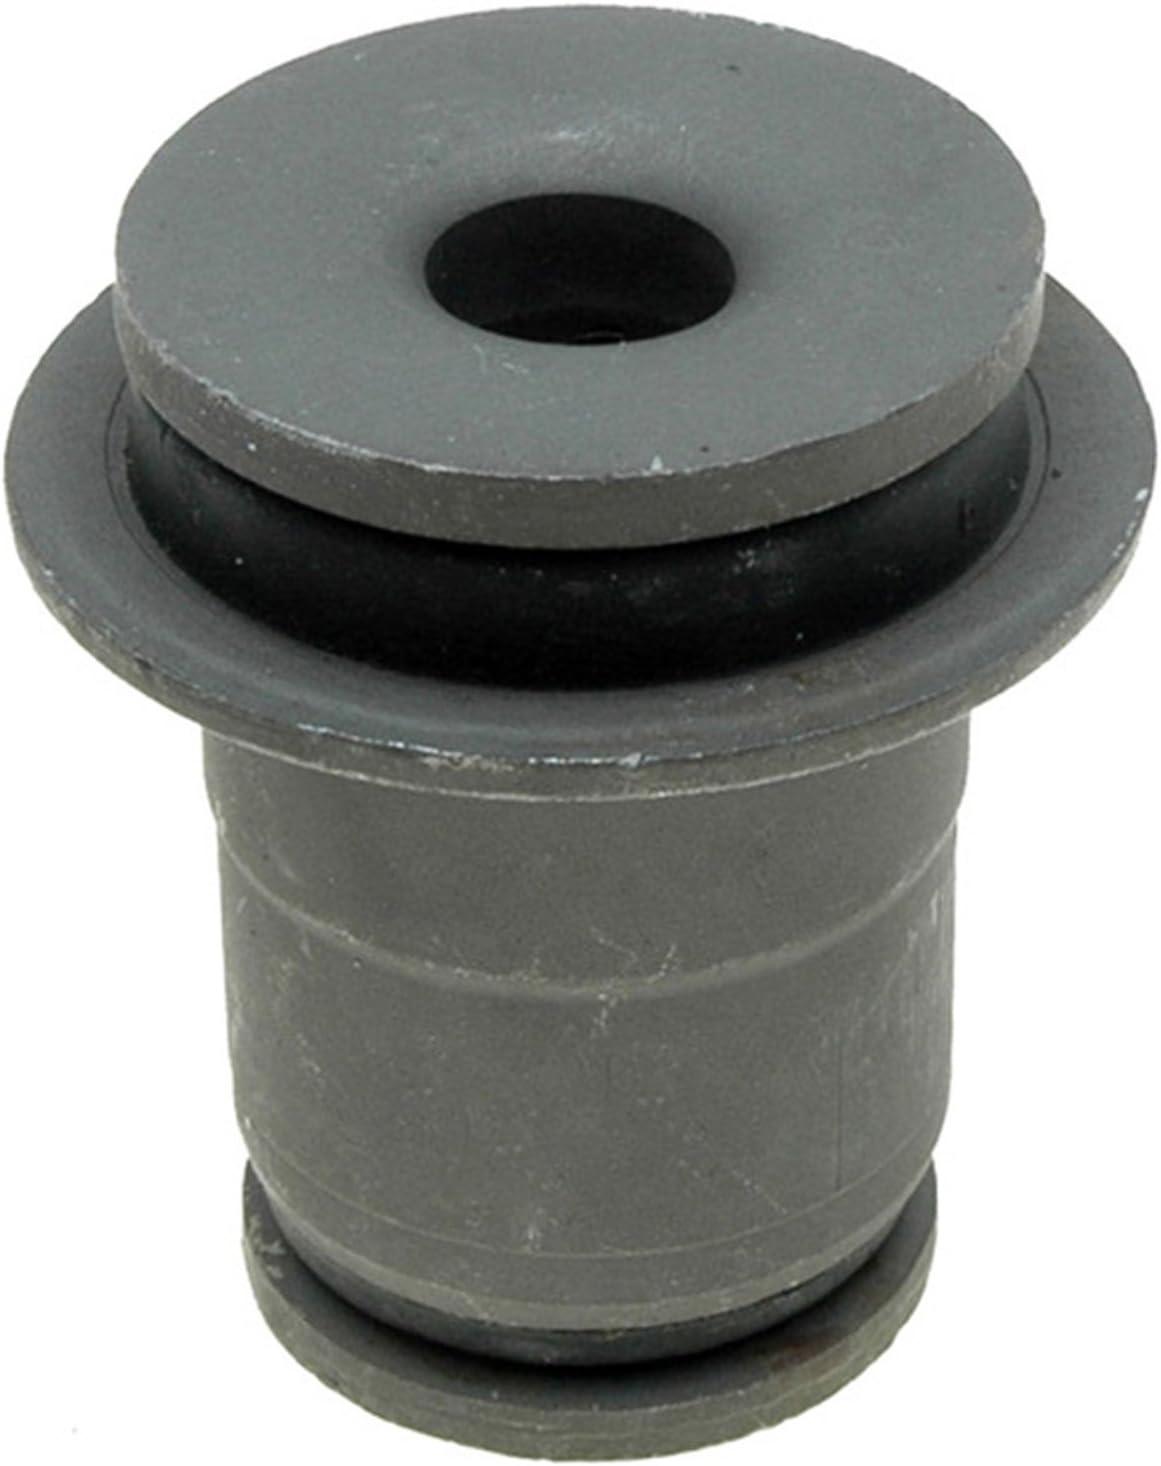 McQuay-Norris FB998 Control Arm Bushing